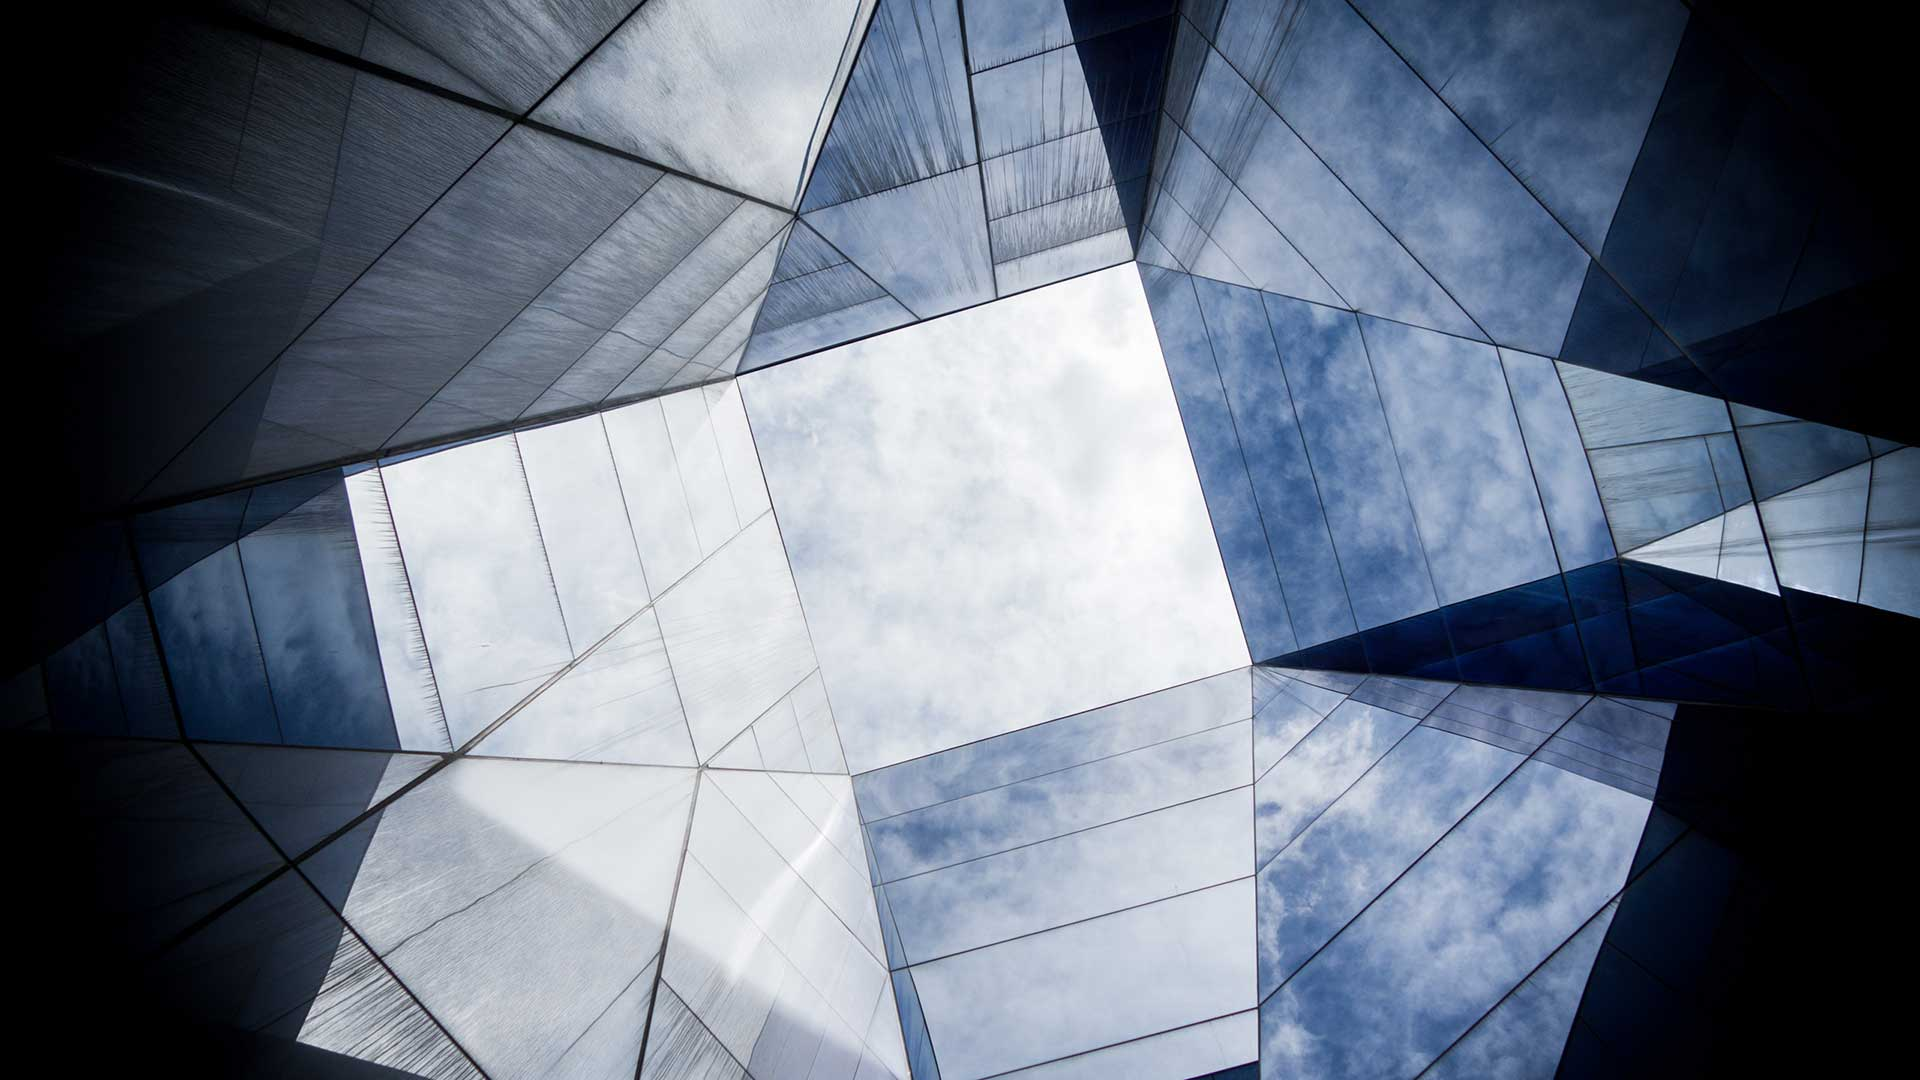 Espoon kaupungin kilpailutusvoittoon merkittävä avaus Cloud1:lle